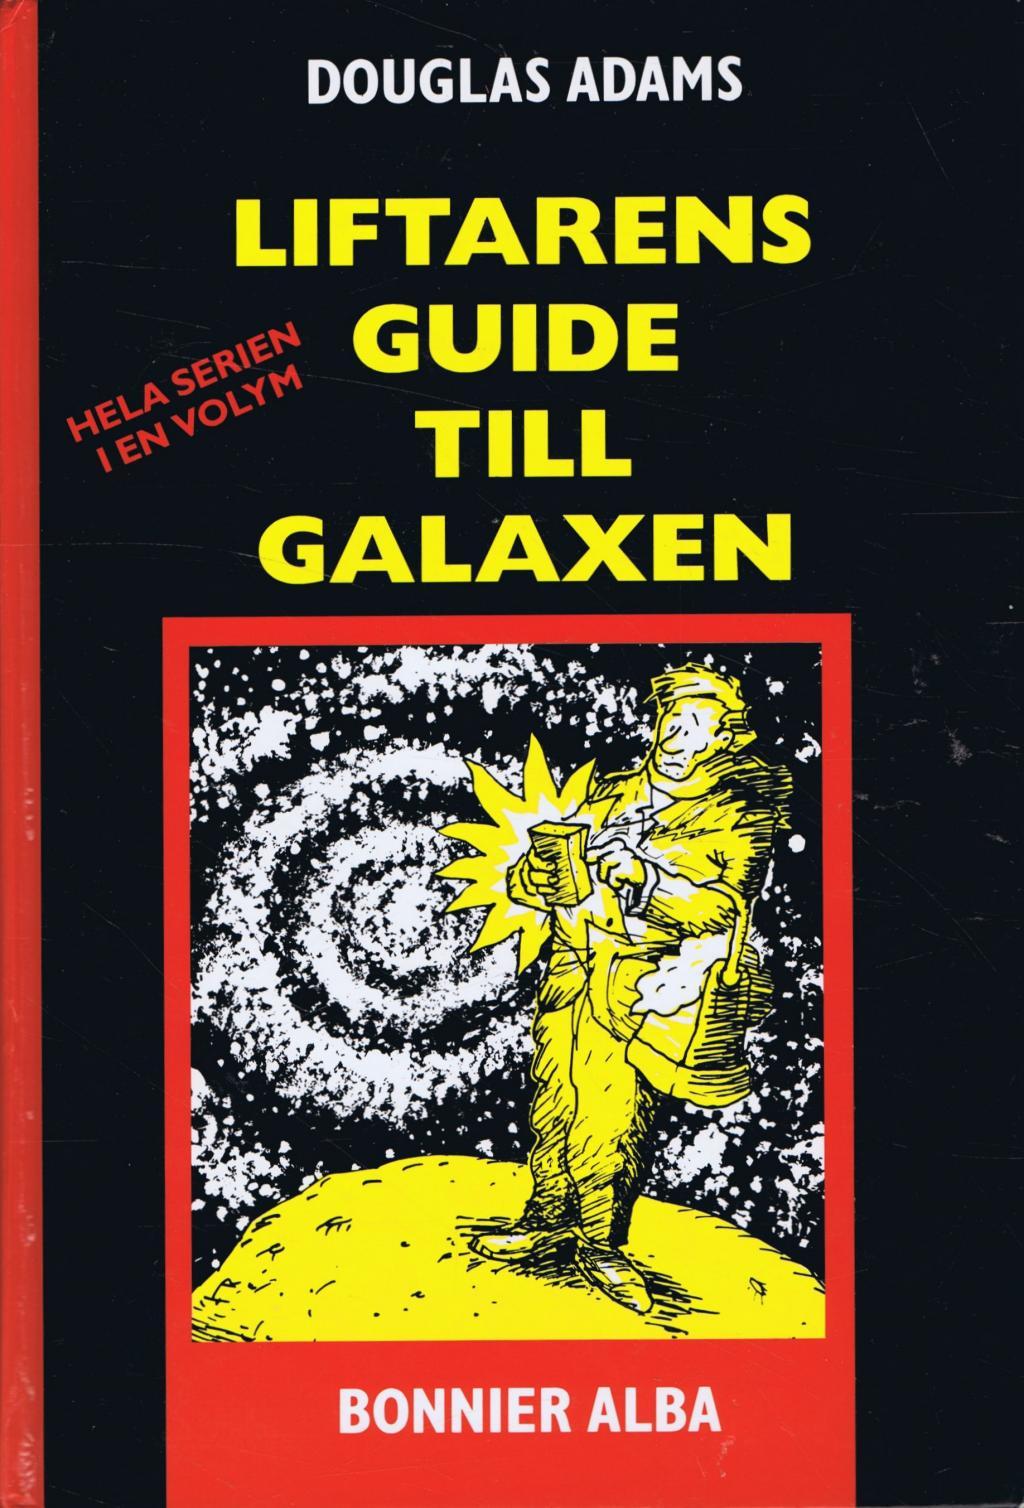 Bildresultat för liftarens guide till galaxen